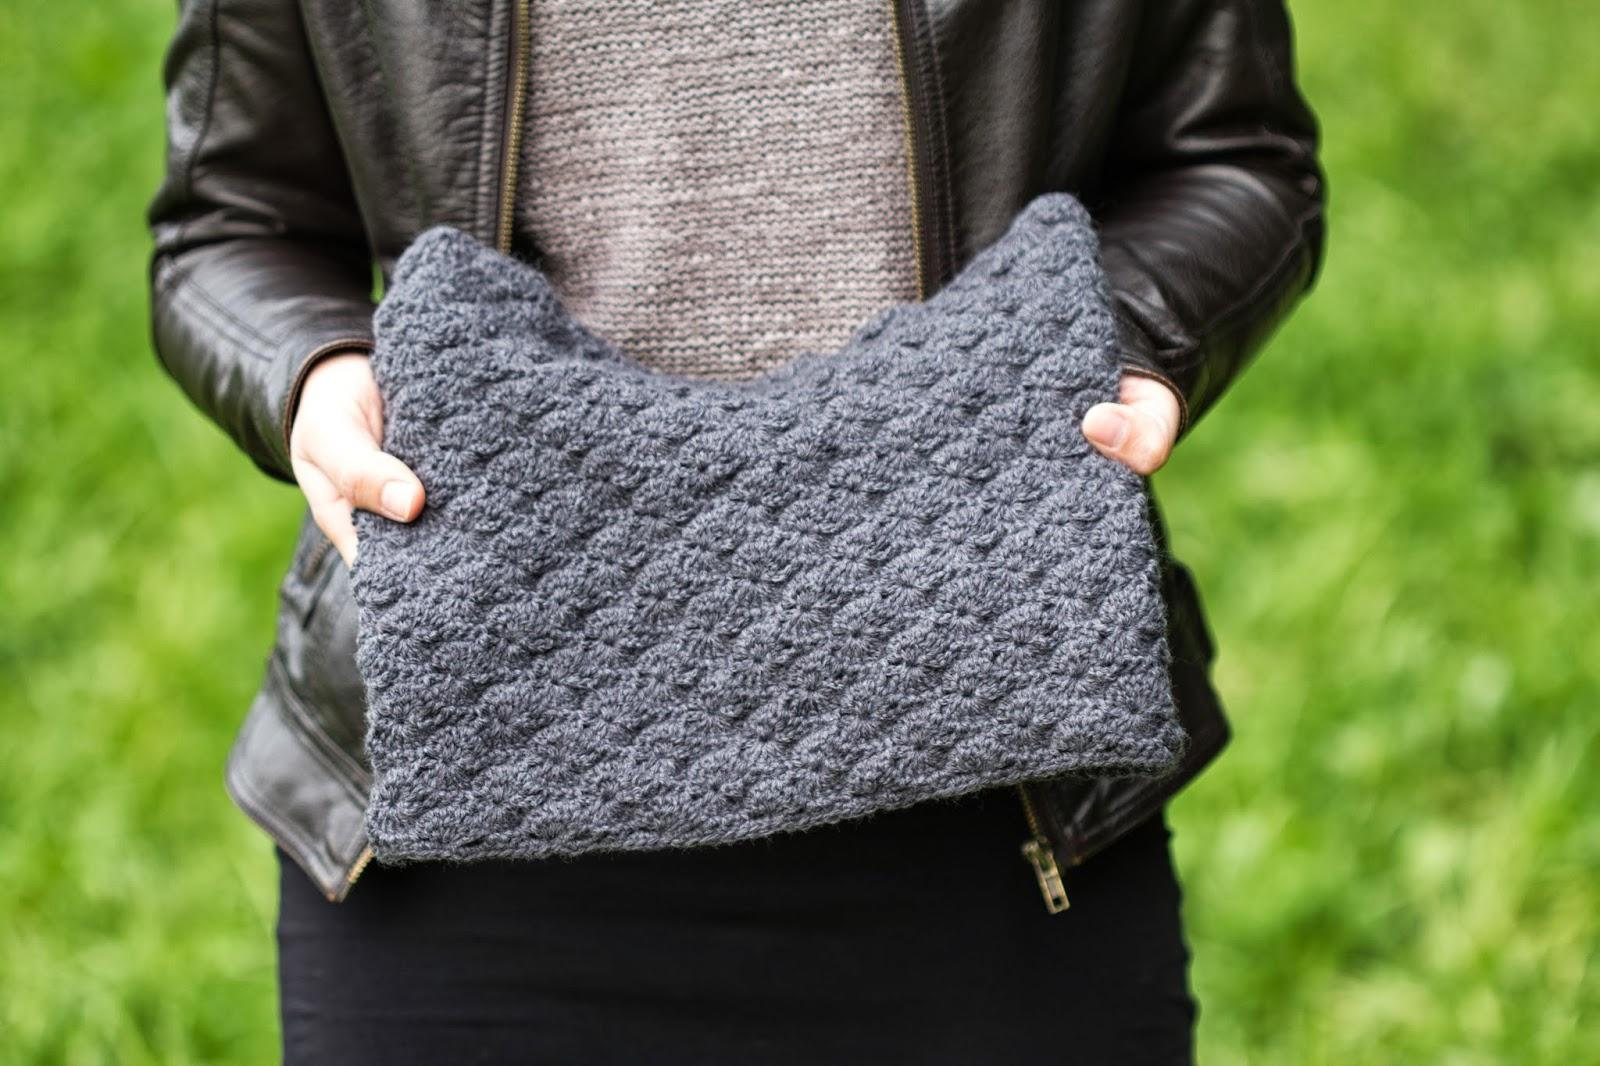 Crochet Loop Scarf | Infinity Scarf | Gehäkelter Schal | Anleitung für einen gehäkelten Loop Schal